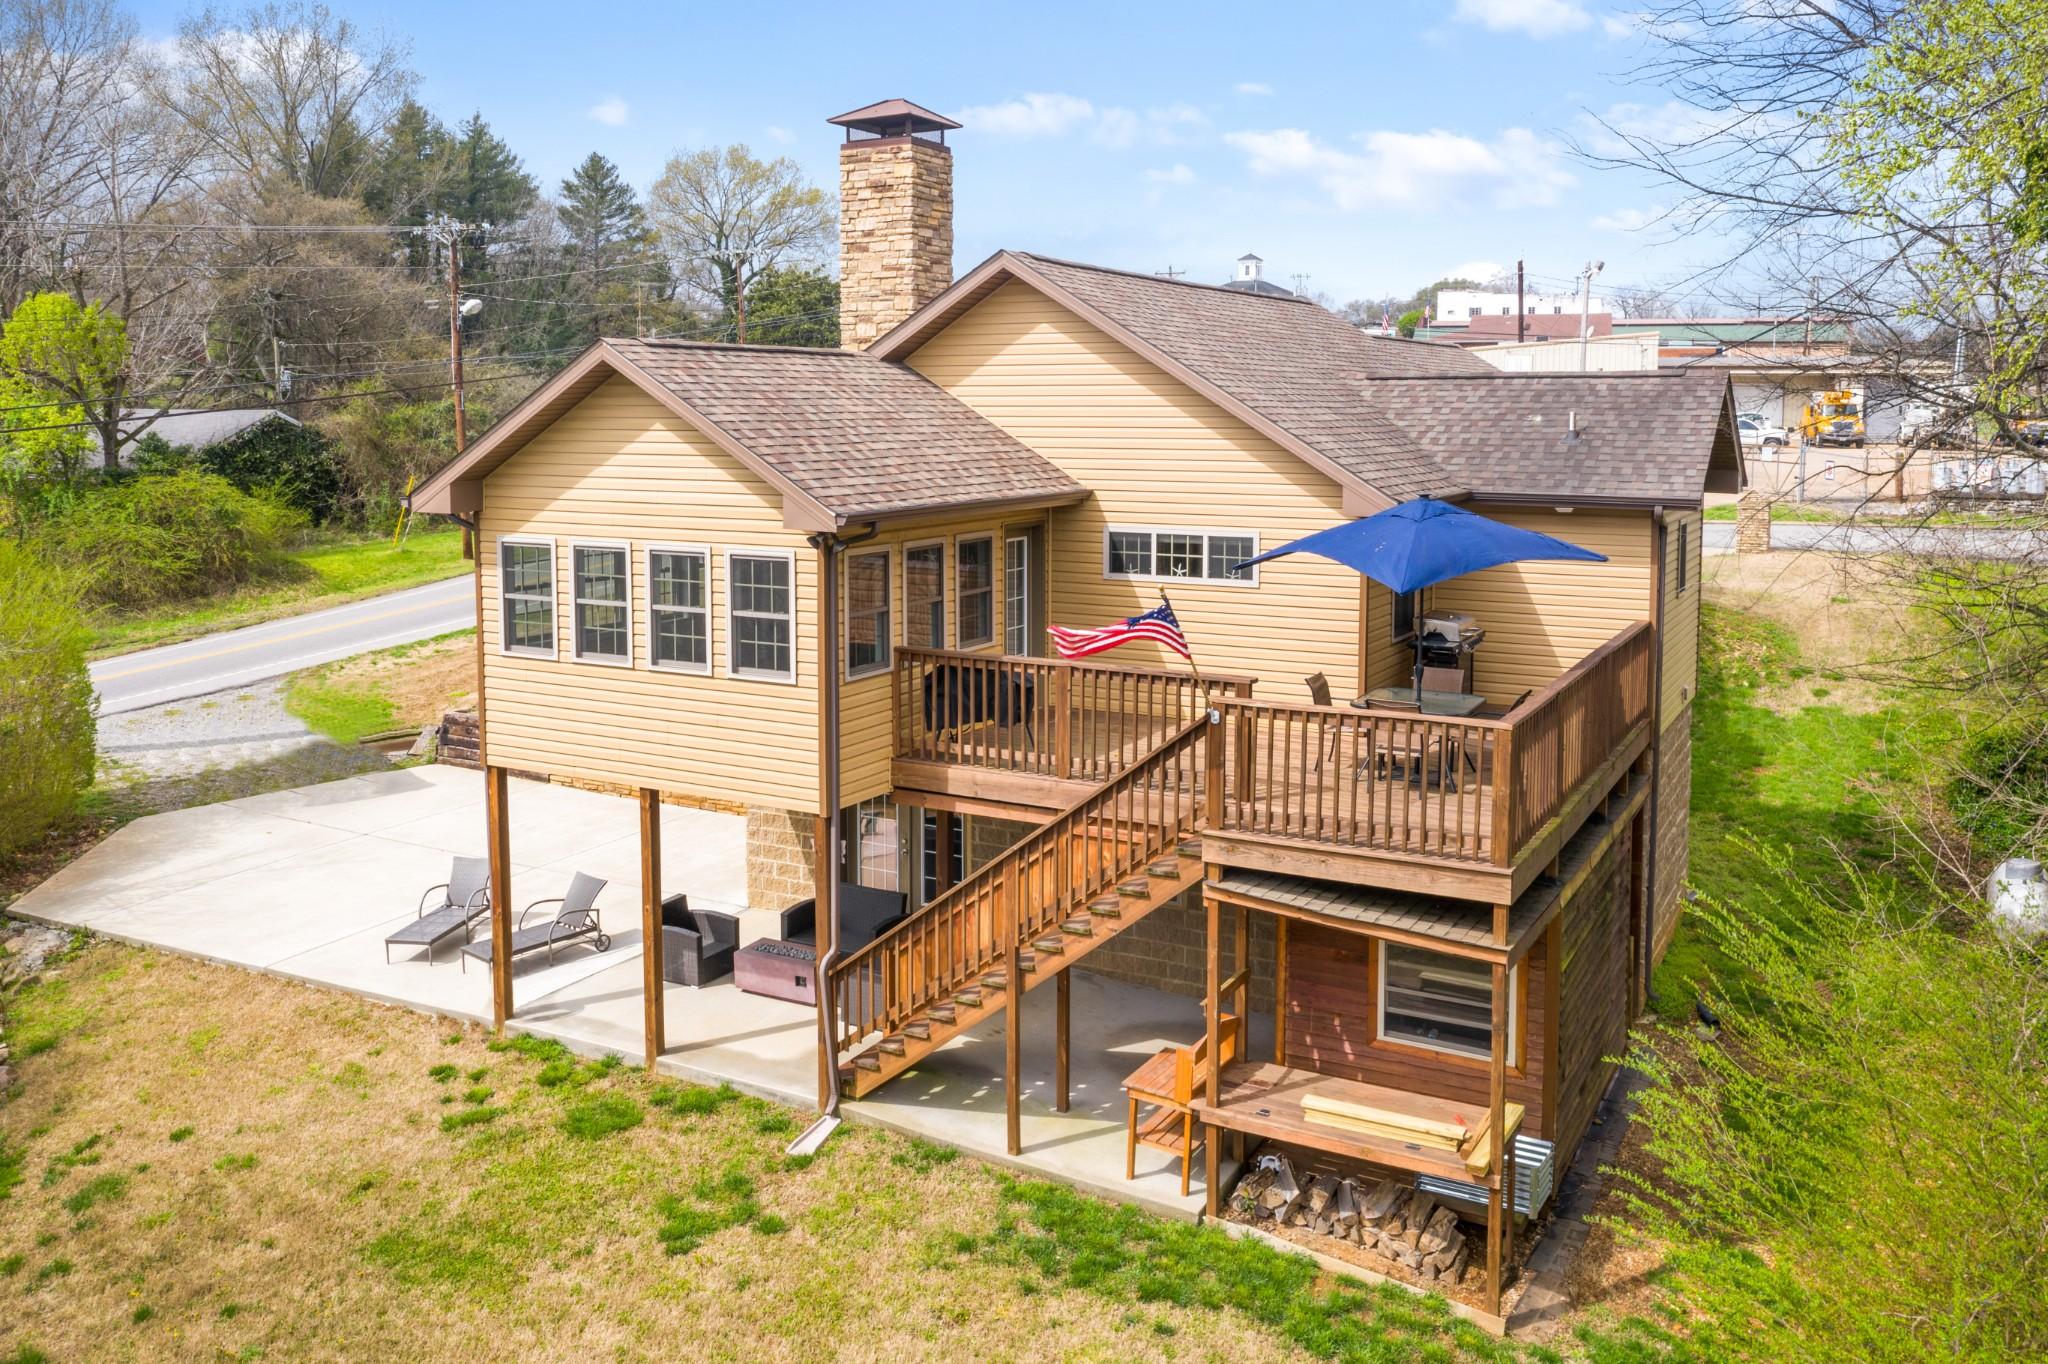 204 Petty St, Dover, TN 37058 - Dover, TN real estate listing